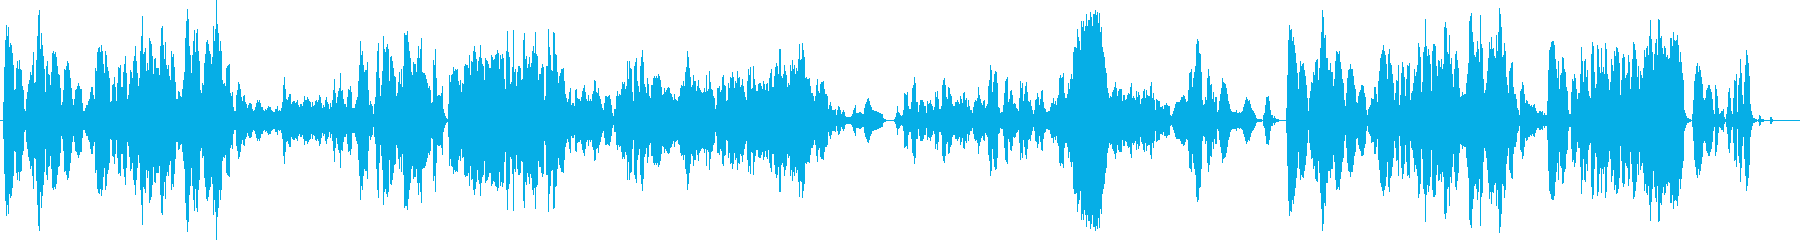 ファンタジーなバイオリンサウンドの再生済みの波形